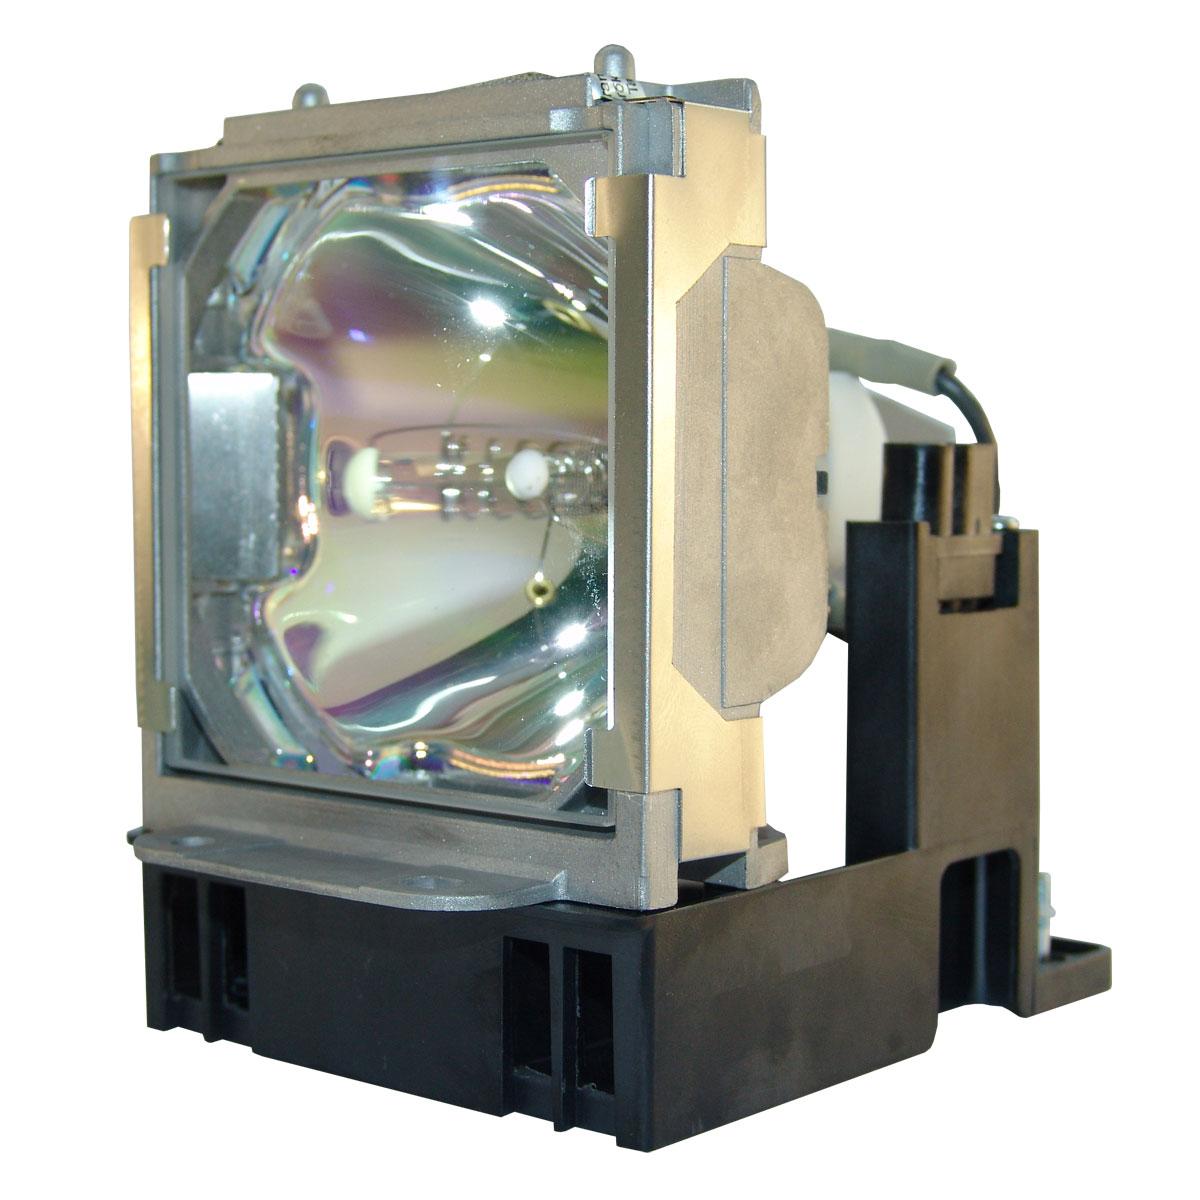 Mitsubishi Tv Tech Support: Mitsubishi VLT-XL6600LP Projector Lamp. New SHP Bulb